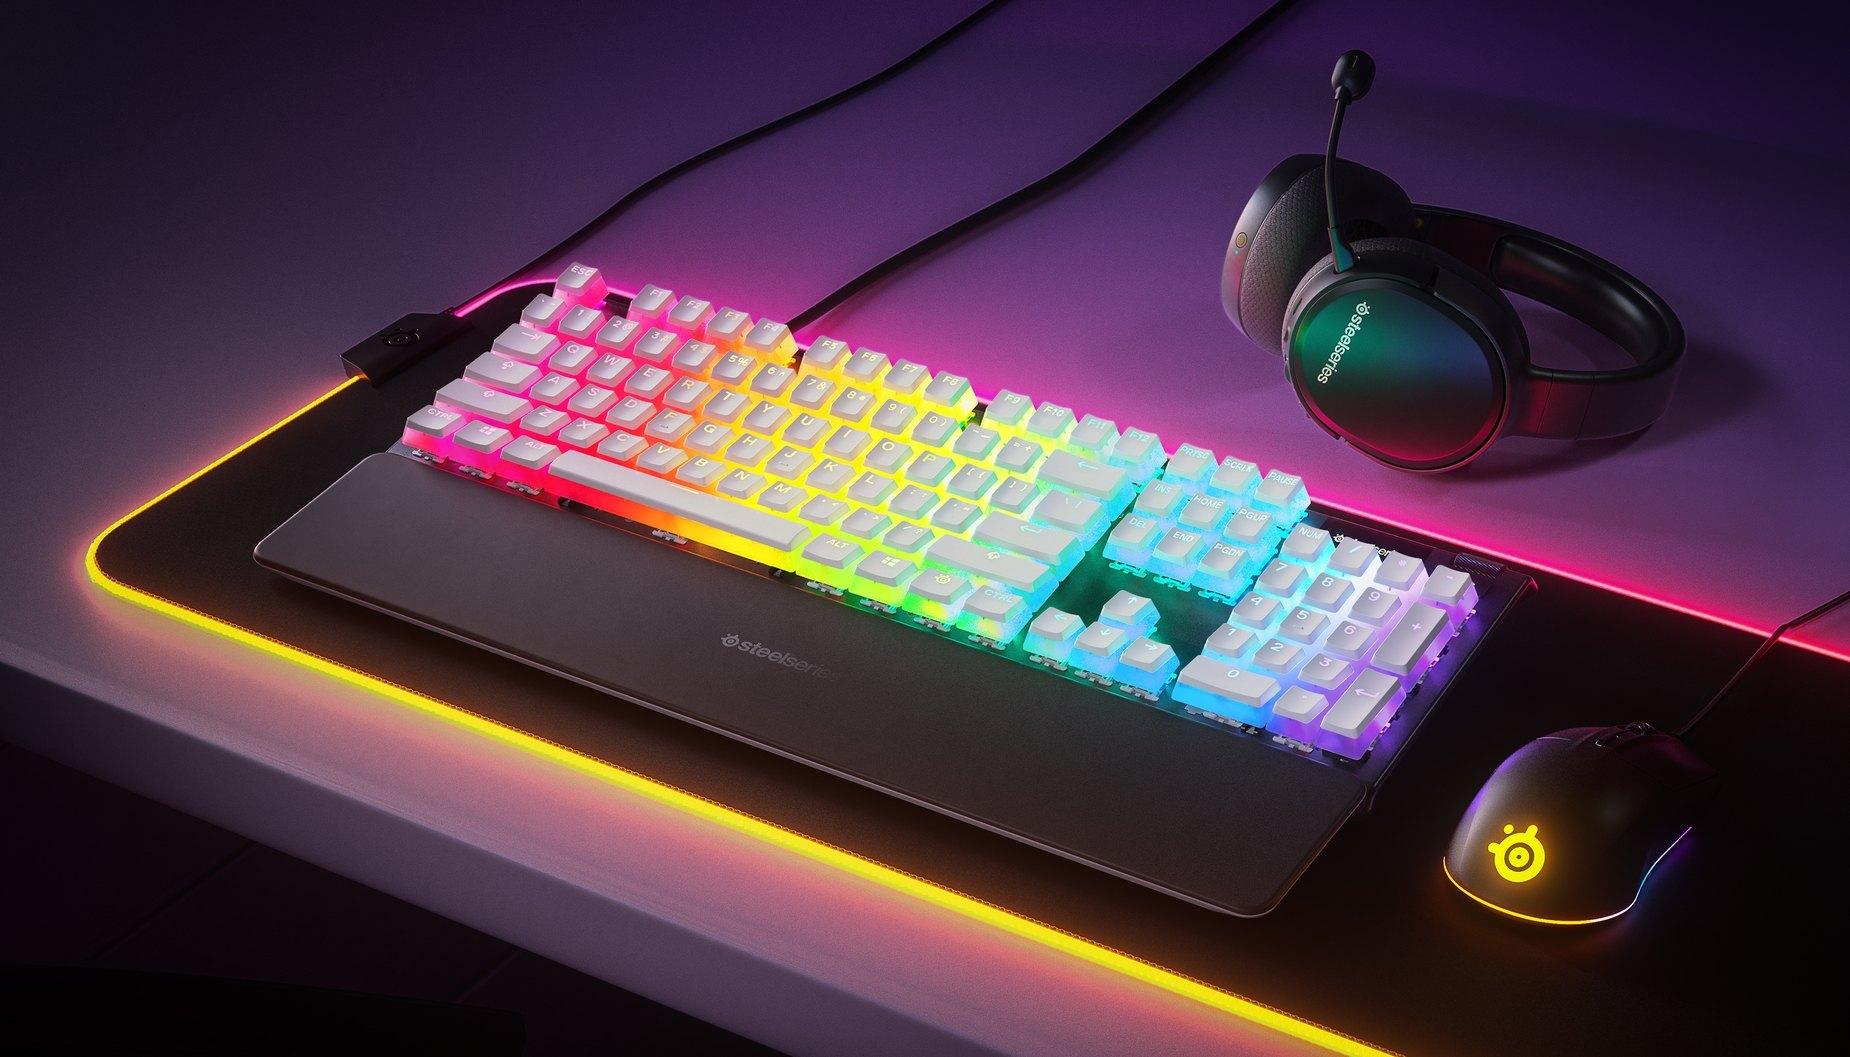 Touches Prismcaps sur un clavier Apex Pro, à côté d'une souris SteelSeries, d'un tapis de souris RVB et d'un casque audio Arctis. On peut voir l'illumination RVB à travers les touches de clavier.